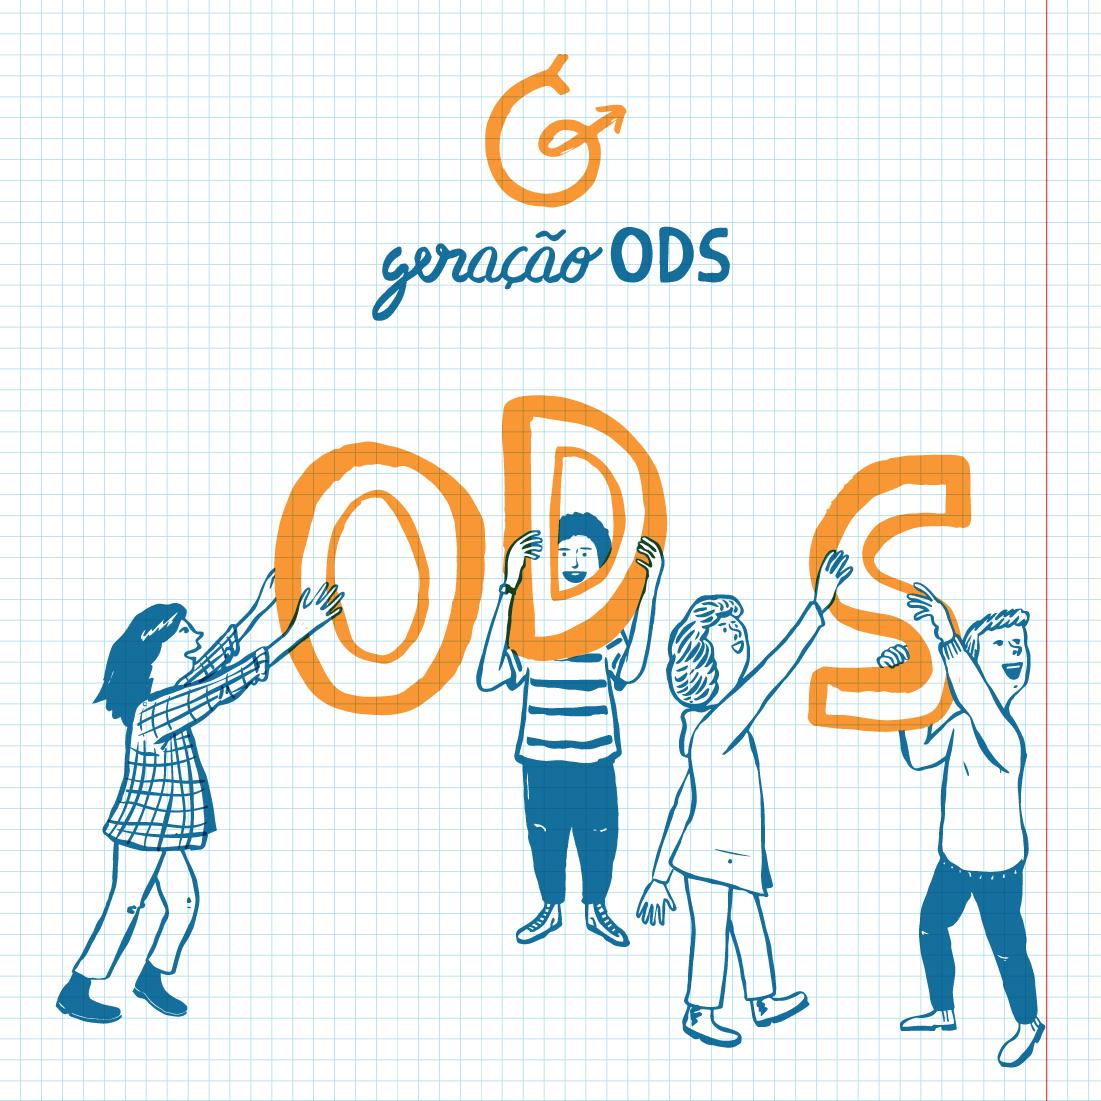 Geração ODS